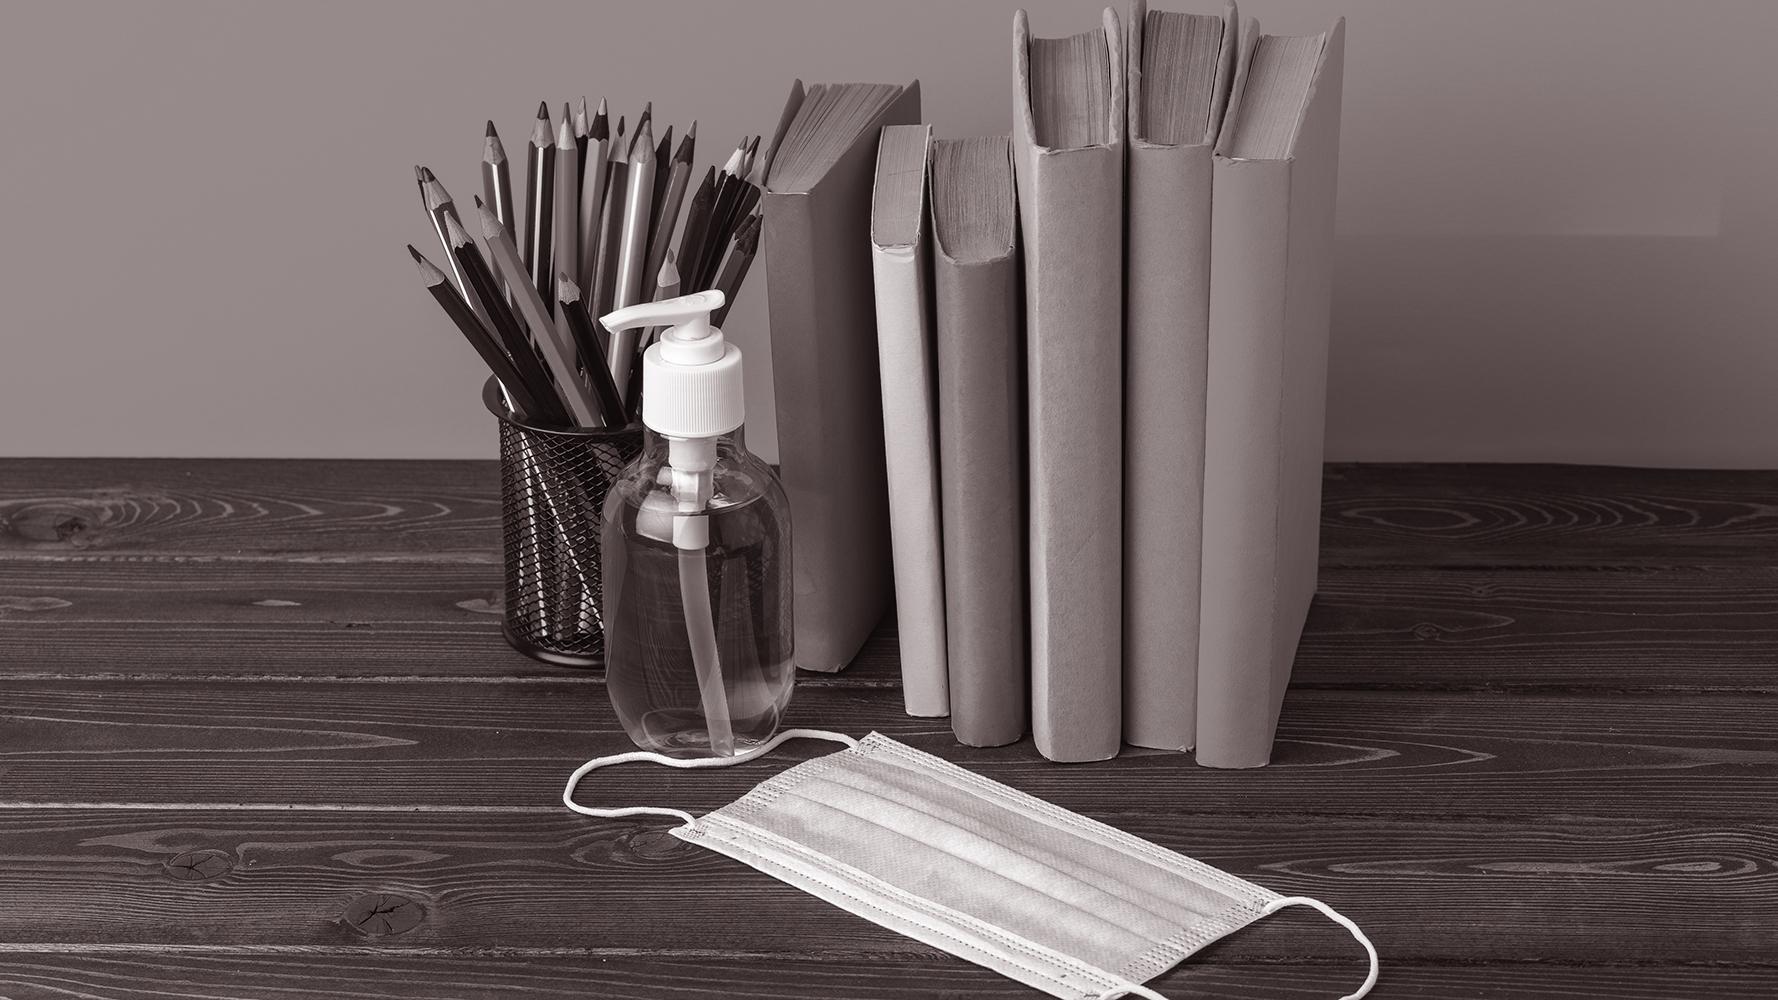 Stifte, Bücher, Desinfektionsmittel, Maske liegen auf einem Holztisch